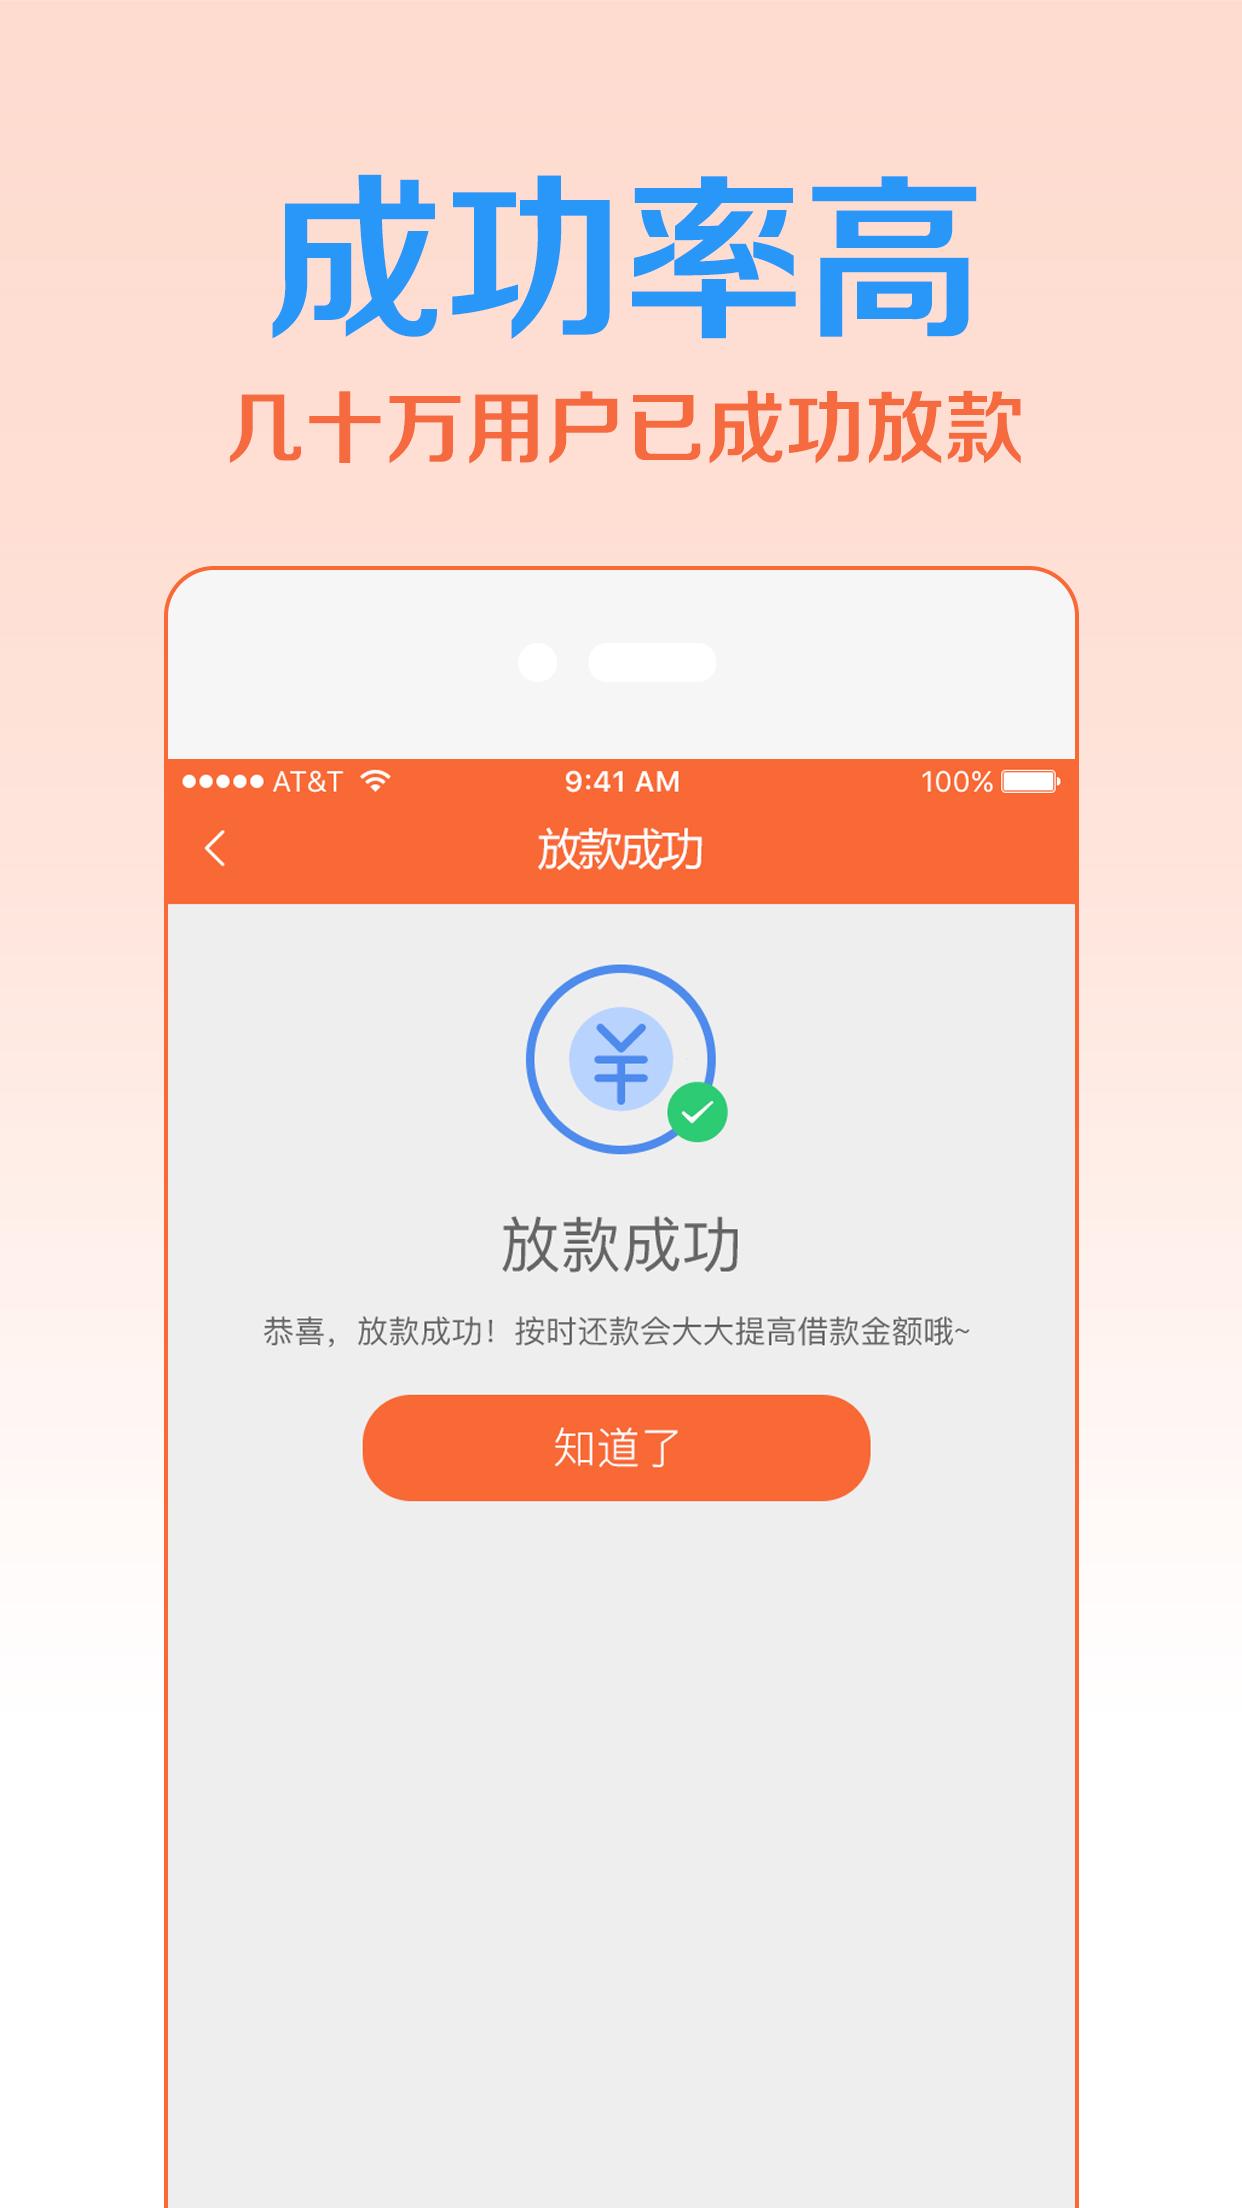 绿叶花借款app官方版下载图片1